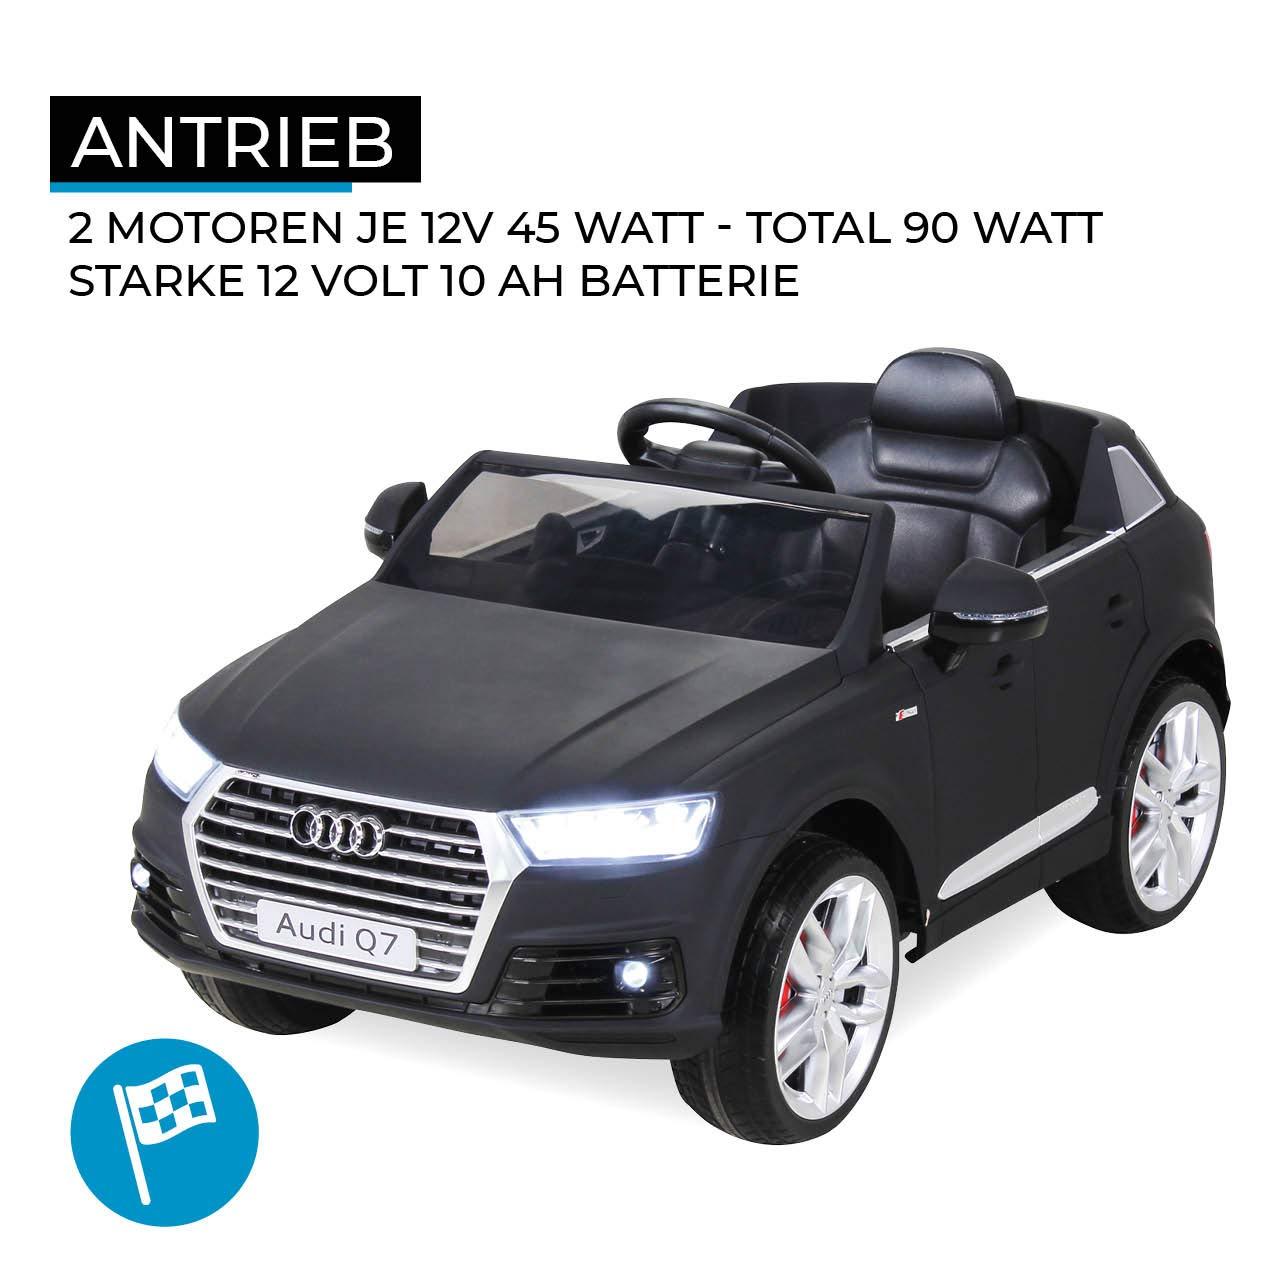 Véhicule Audi Enfants Originale Électrique Q7 2017 Voiture Licence TKJcu13lF